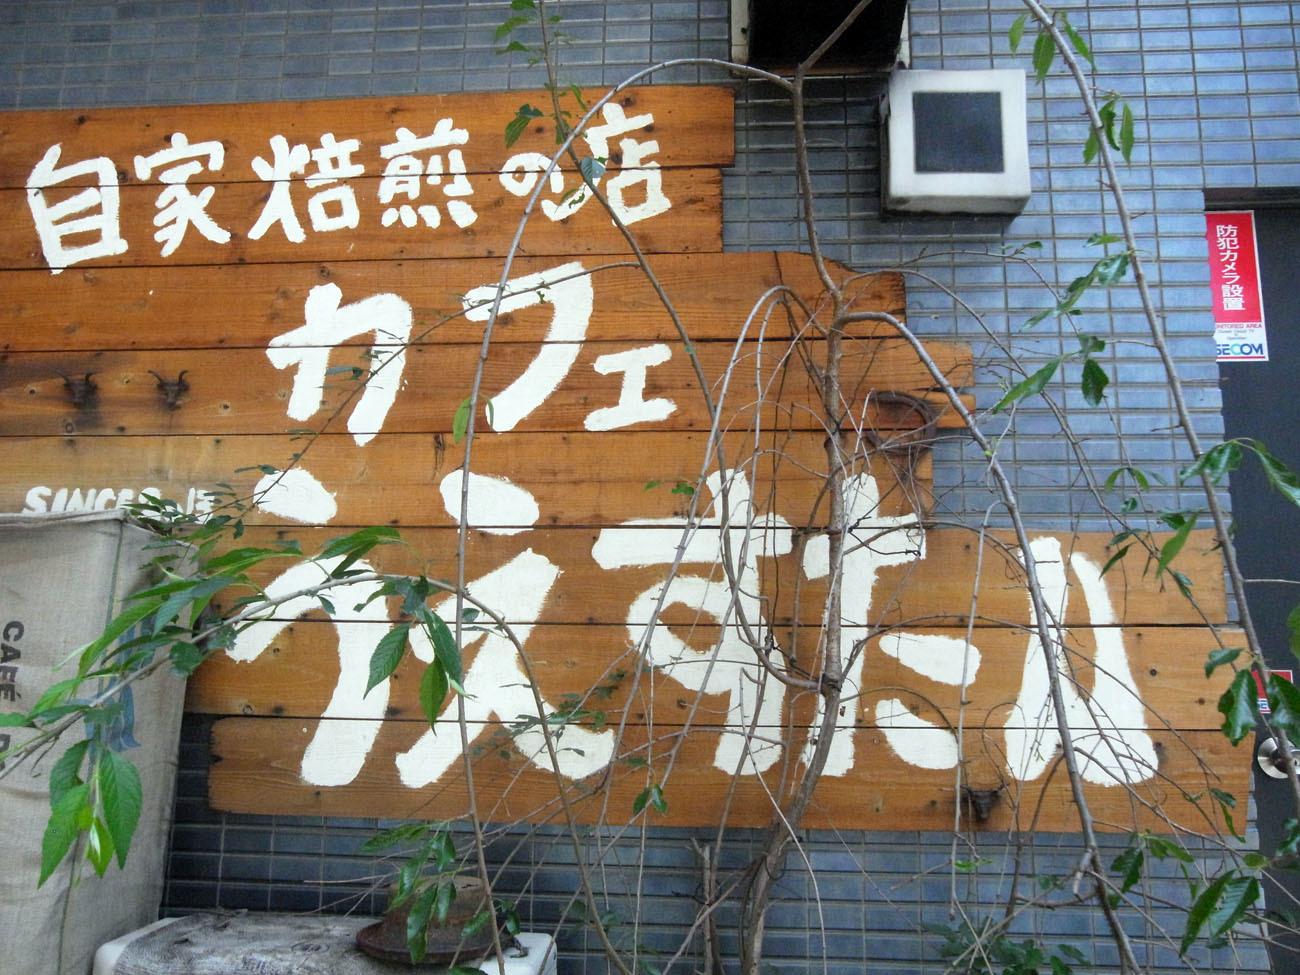 こだわりの鬼さんコチラ〔カフェうえすたん/コーヒー・スイーツ/JR福島〕_f0195971_07431828.jpg